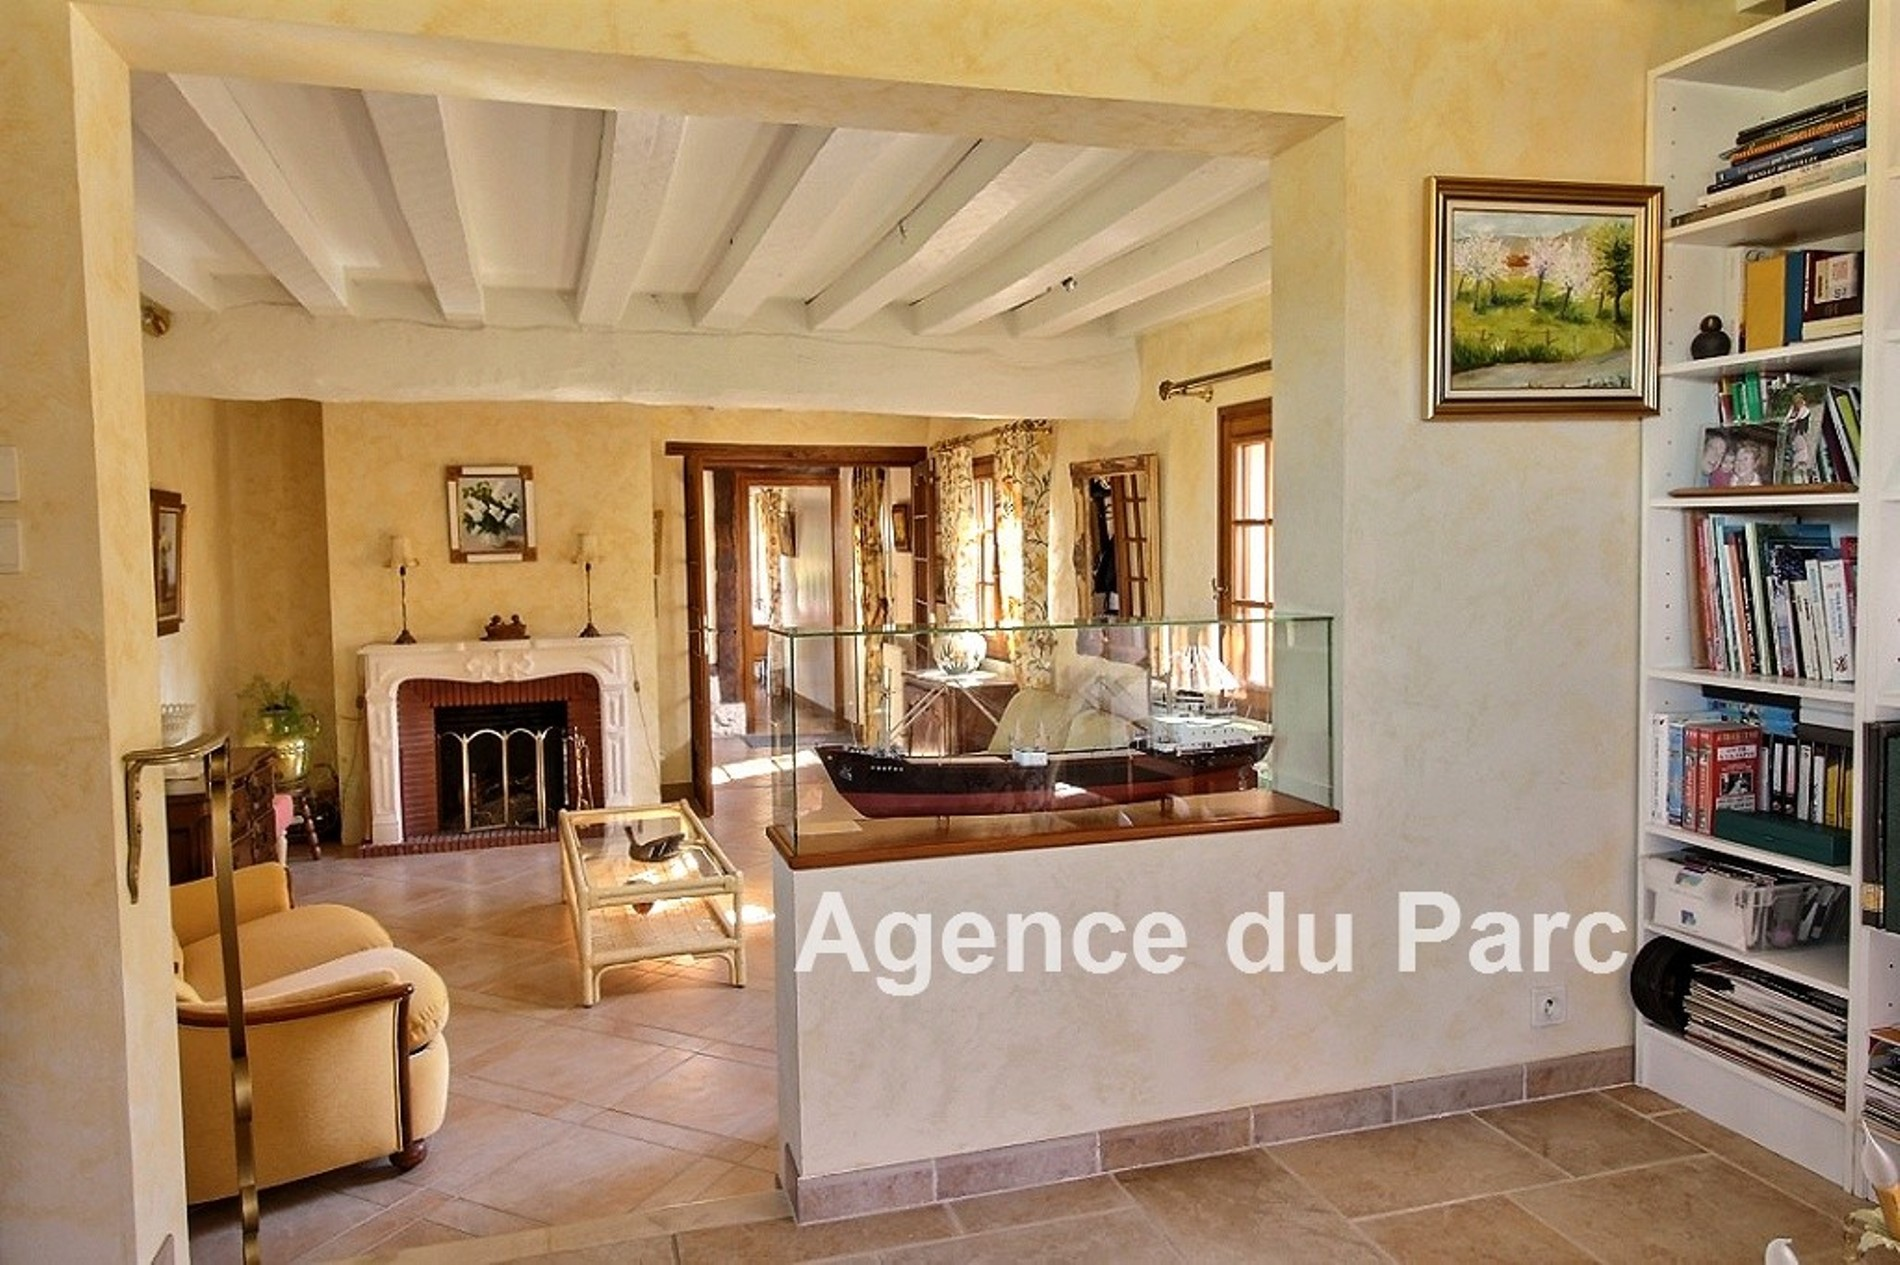 Acheter achat d 39 une charmante maison normande en vall e de for Achat une maison